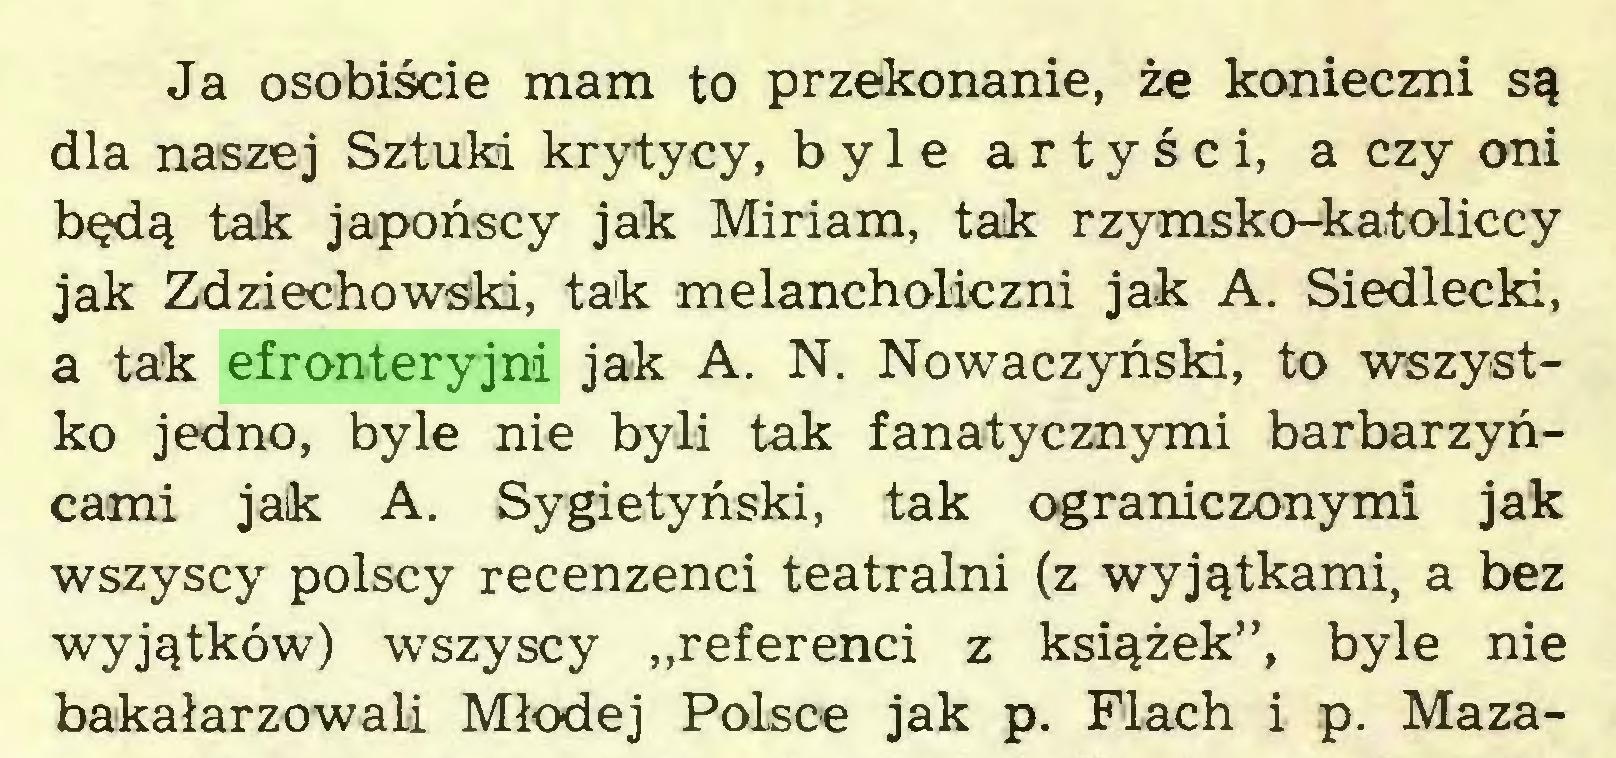 """(...) Ja osobiście mam to przekonanie, że konieczni są dla naszej Sztuki krytycy, byle artyści, a czy oni będą tak japońscy jak Miriam, tak rzymsko-katoliccy jak Zdziechowski, tak melancholiczni jak A. Siedlecki, a tak efronteryjni jak A. N. Nowaczyński, to wszystko jedno, byle nie byli tak fanatycznymi barbarzyńcami jak A. Sygietyński, tak ograniczonymi jak wszyscy polscy recenzenci teatralni (z wyjątkami, a bez wyjątków) wszyscy """"referenci z książek"""", byle nie bakałarzowali Młodej Polsce jak p. Flach i p. Maza..."""